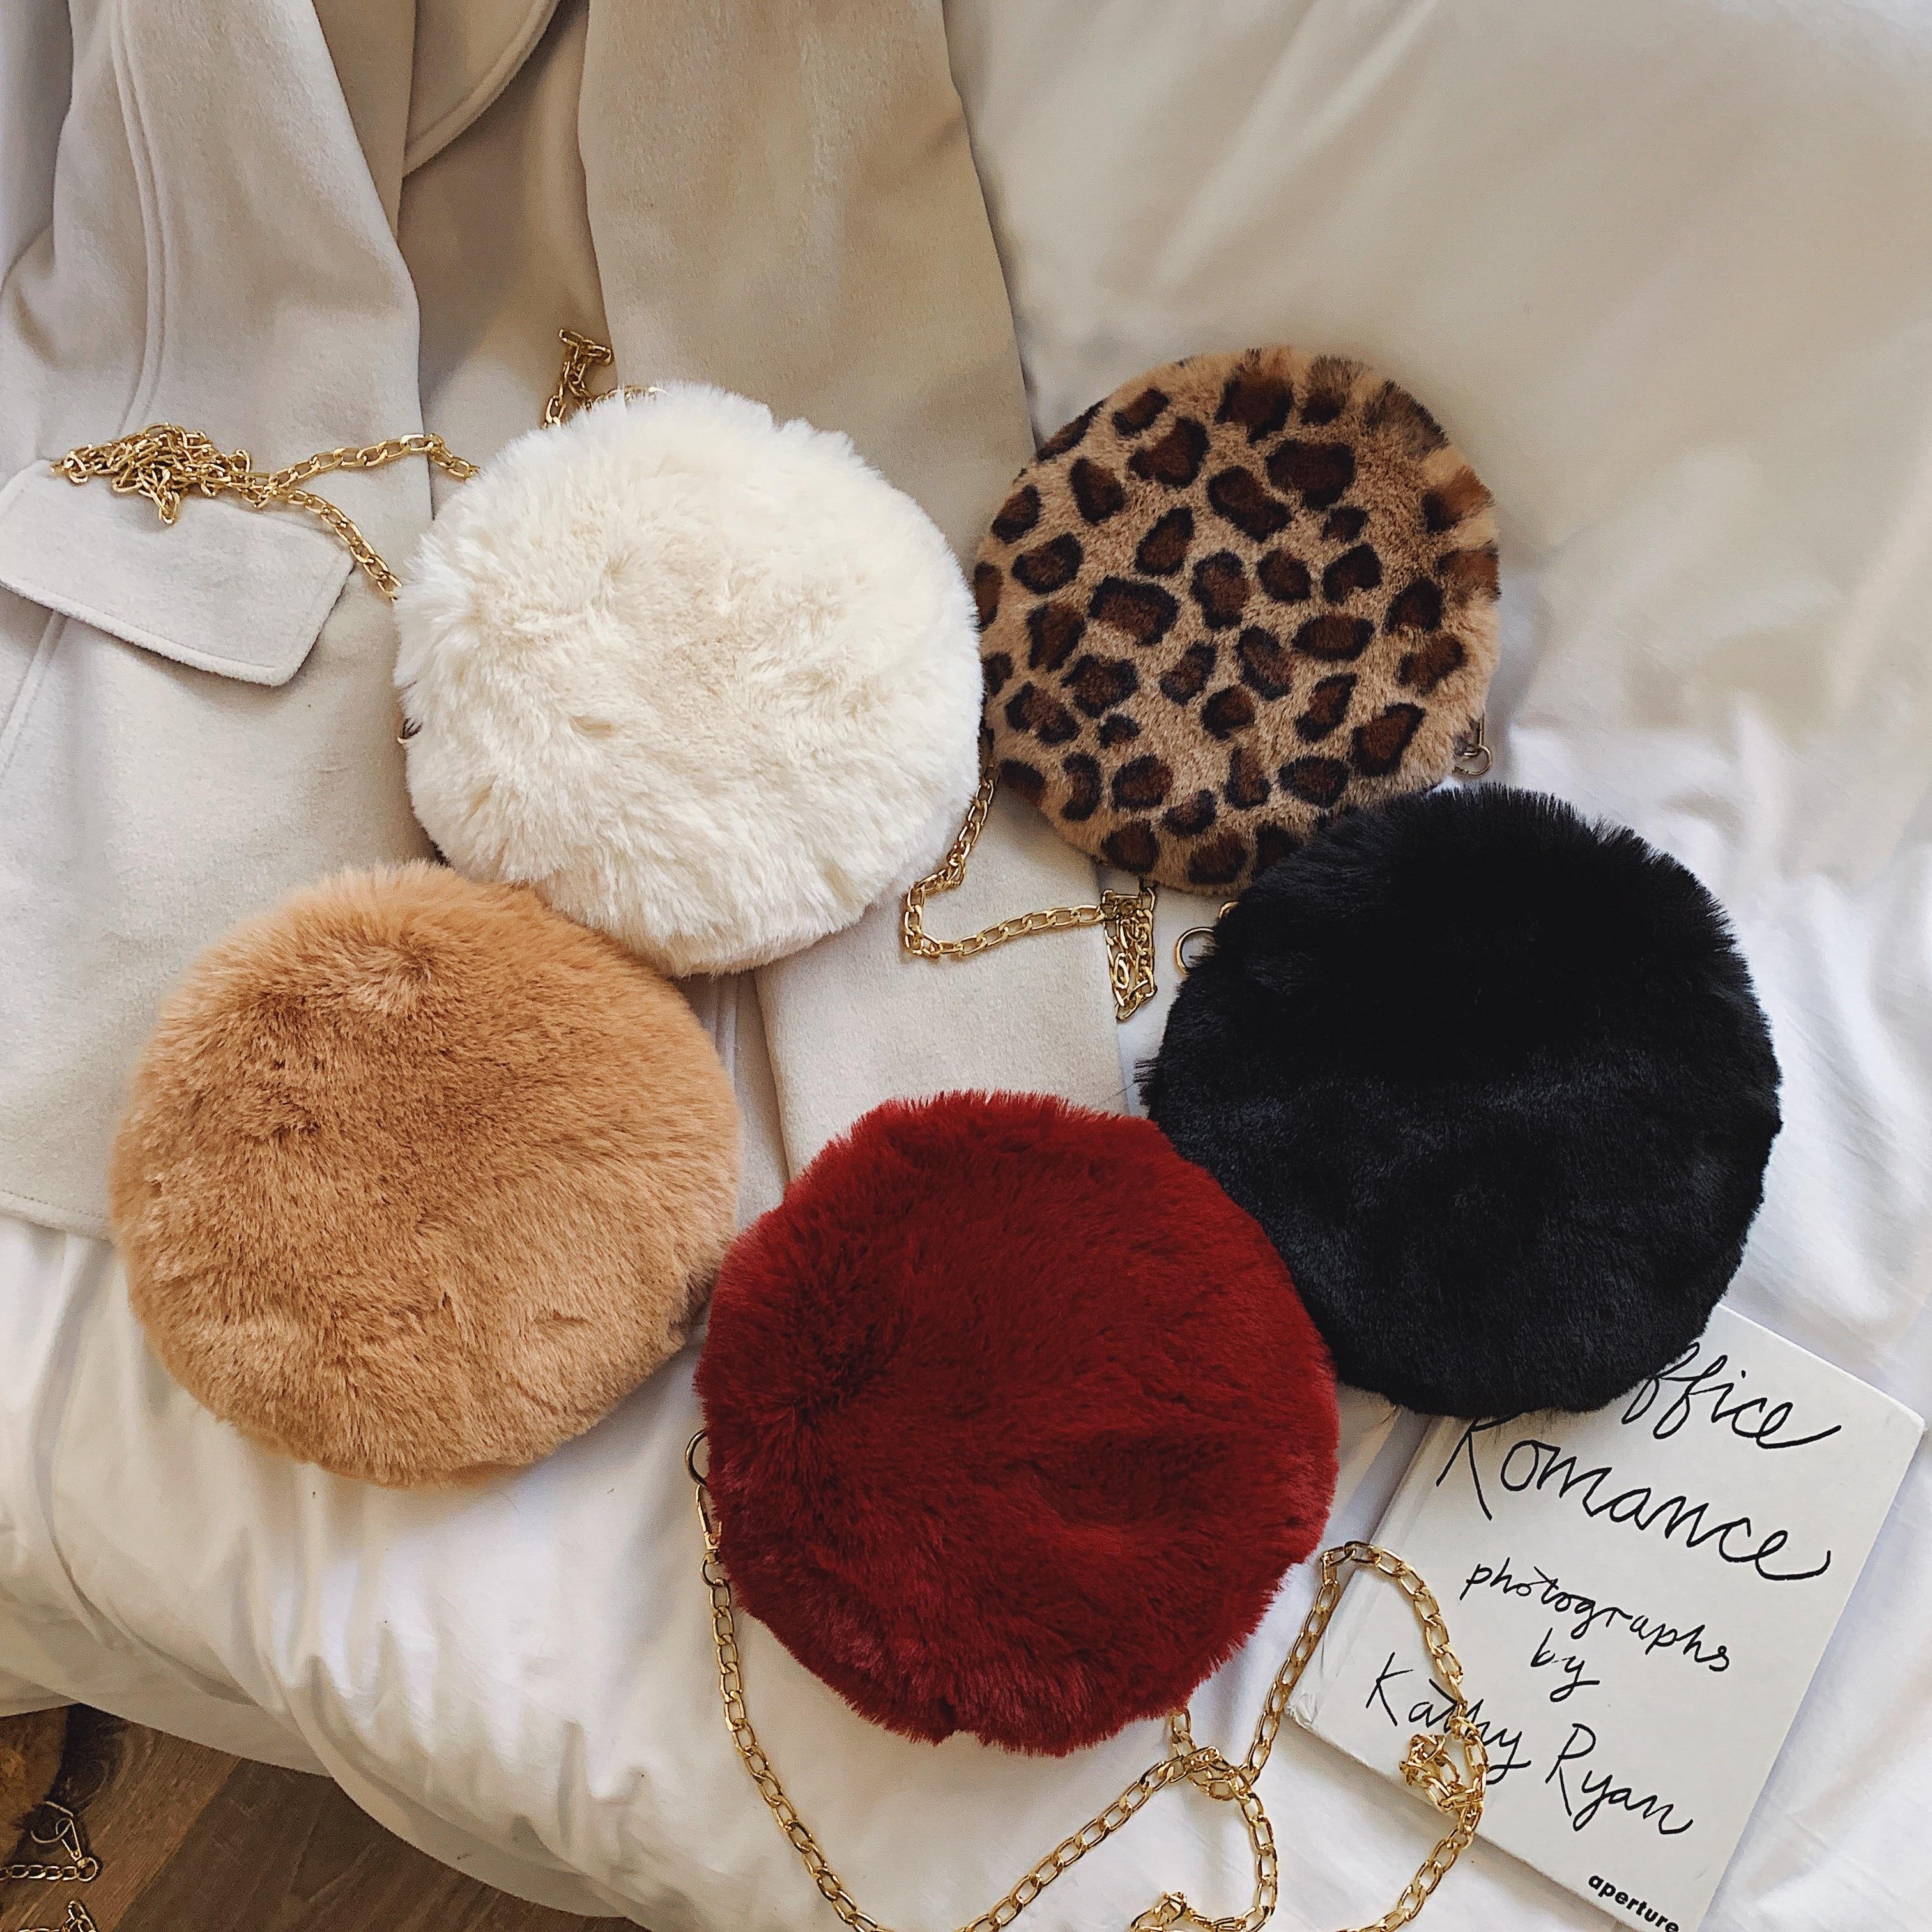 Fashion Round Shoulder Bag Winter Hot Leopard Plush Handbags Soft Fur Bag Metal Chain Mini Coin Purse Cute Hand Warm Bag Clutch